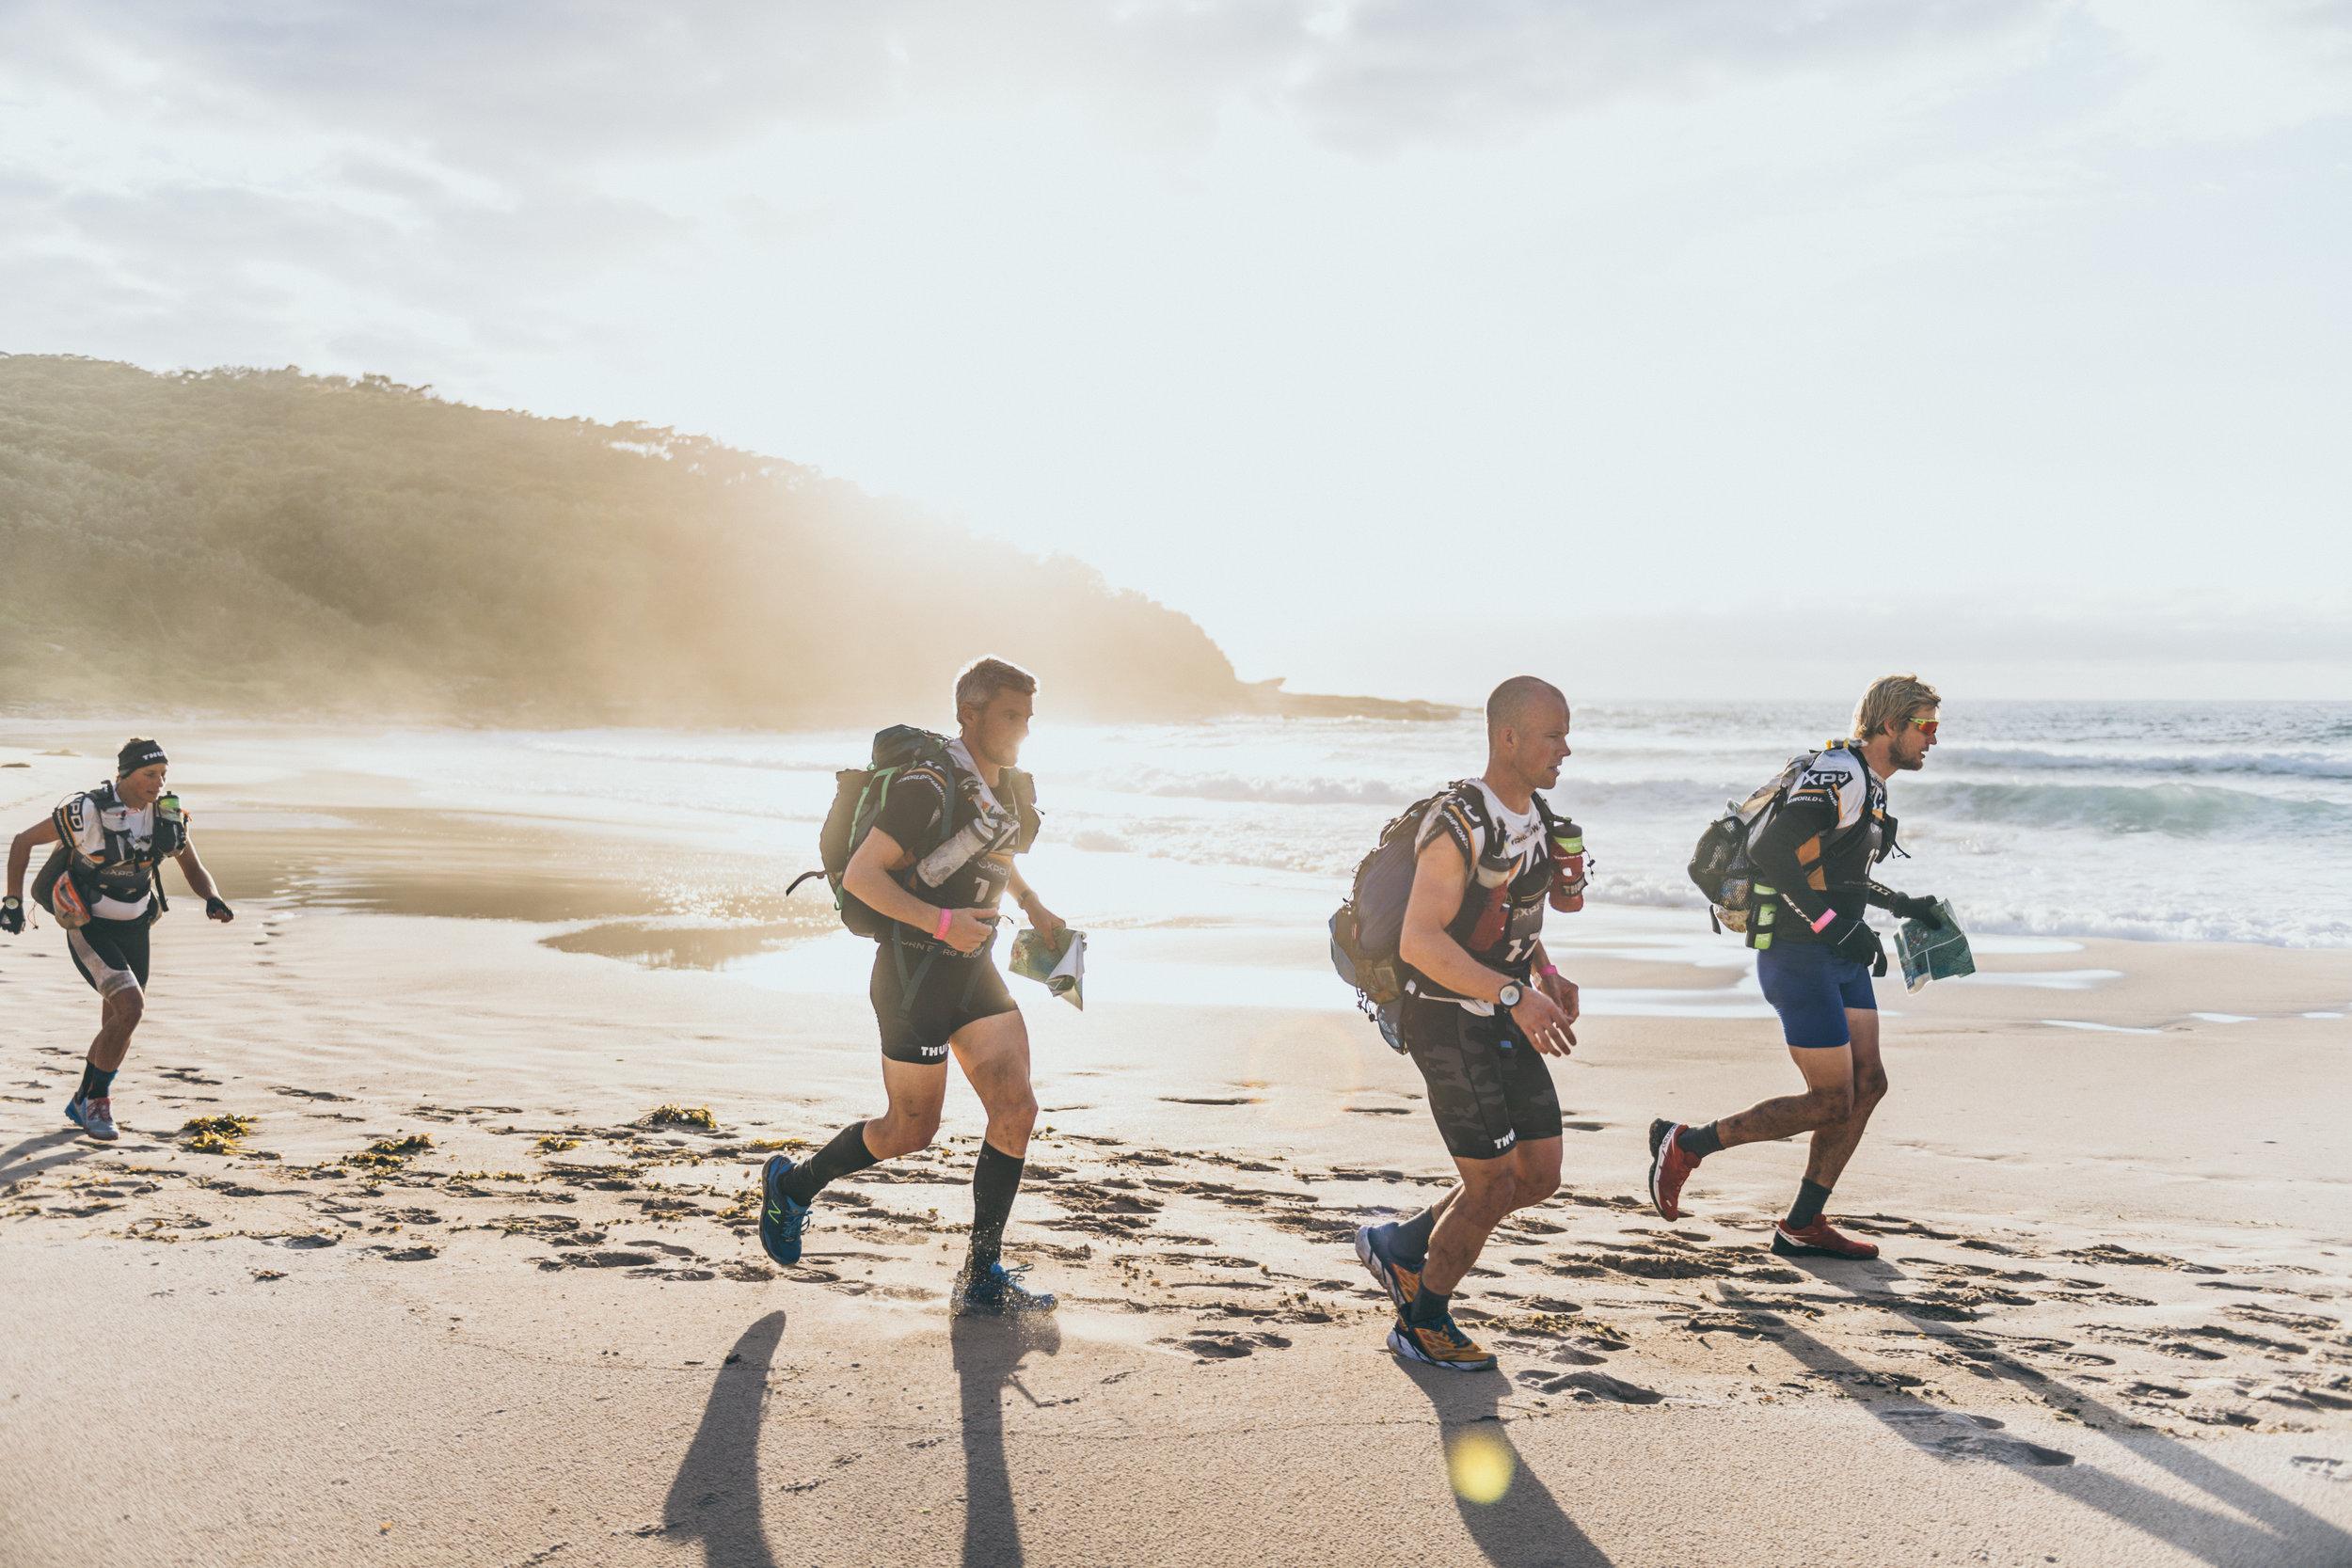 Thule_LS_Thule Adventure Team_ARWC2016_Australia.jpg